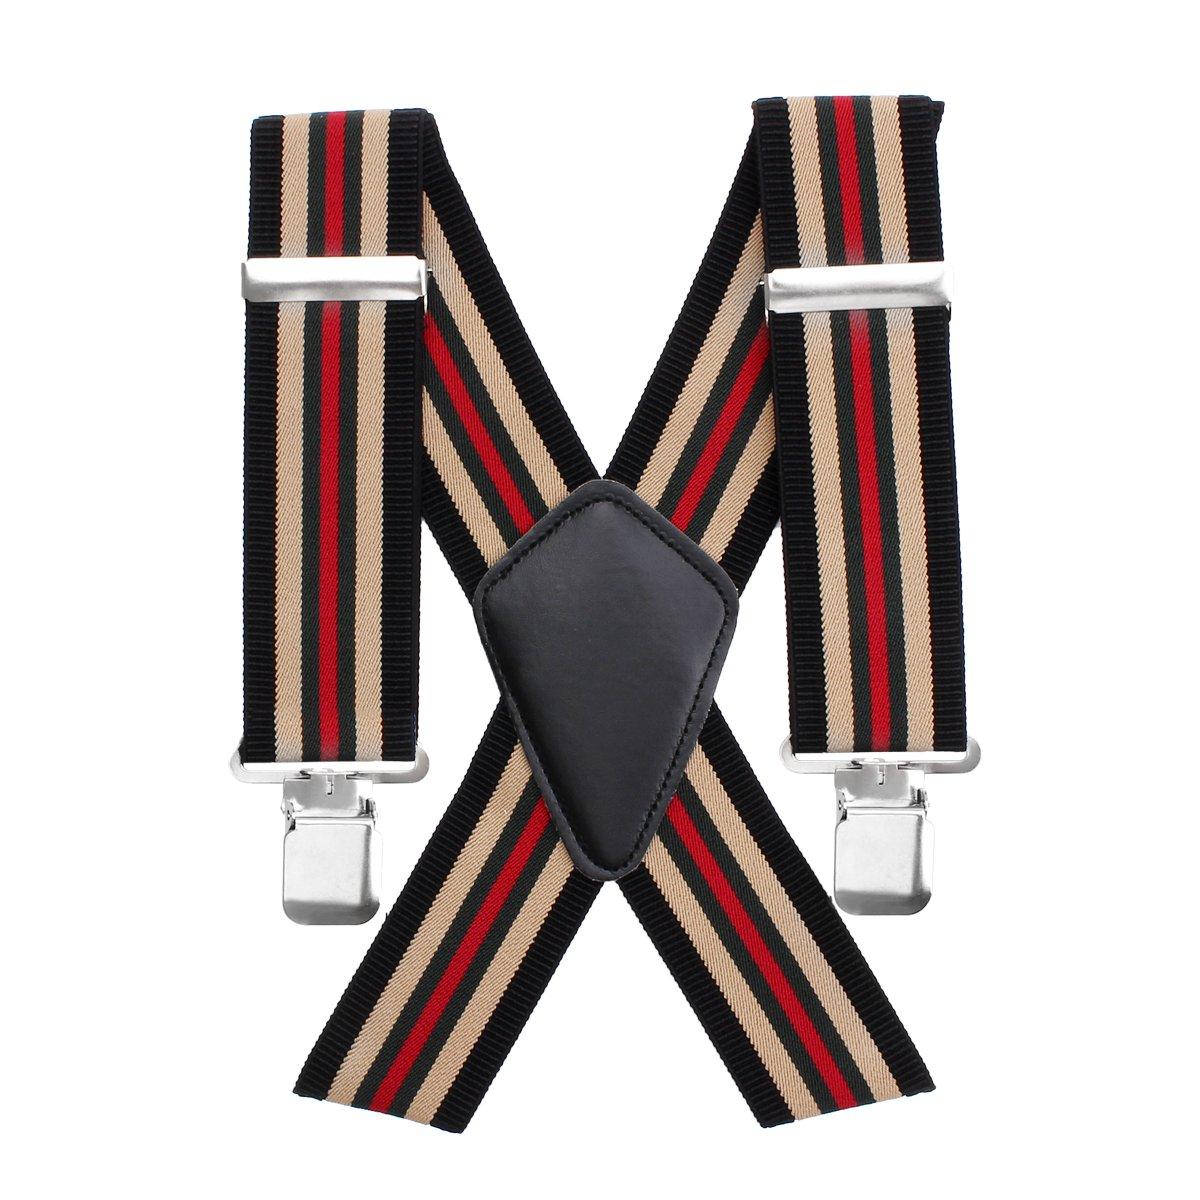 Réglable Hommes Bretelles Aulola 50 MM Rayé Élastique Hommes Bretelles Suspender X Forme avec Clips Métalliques